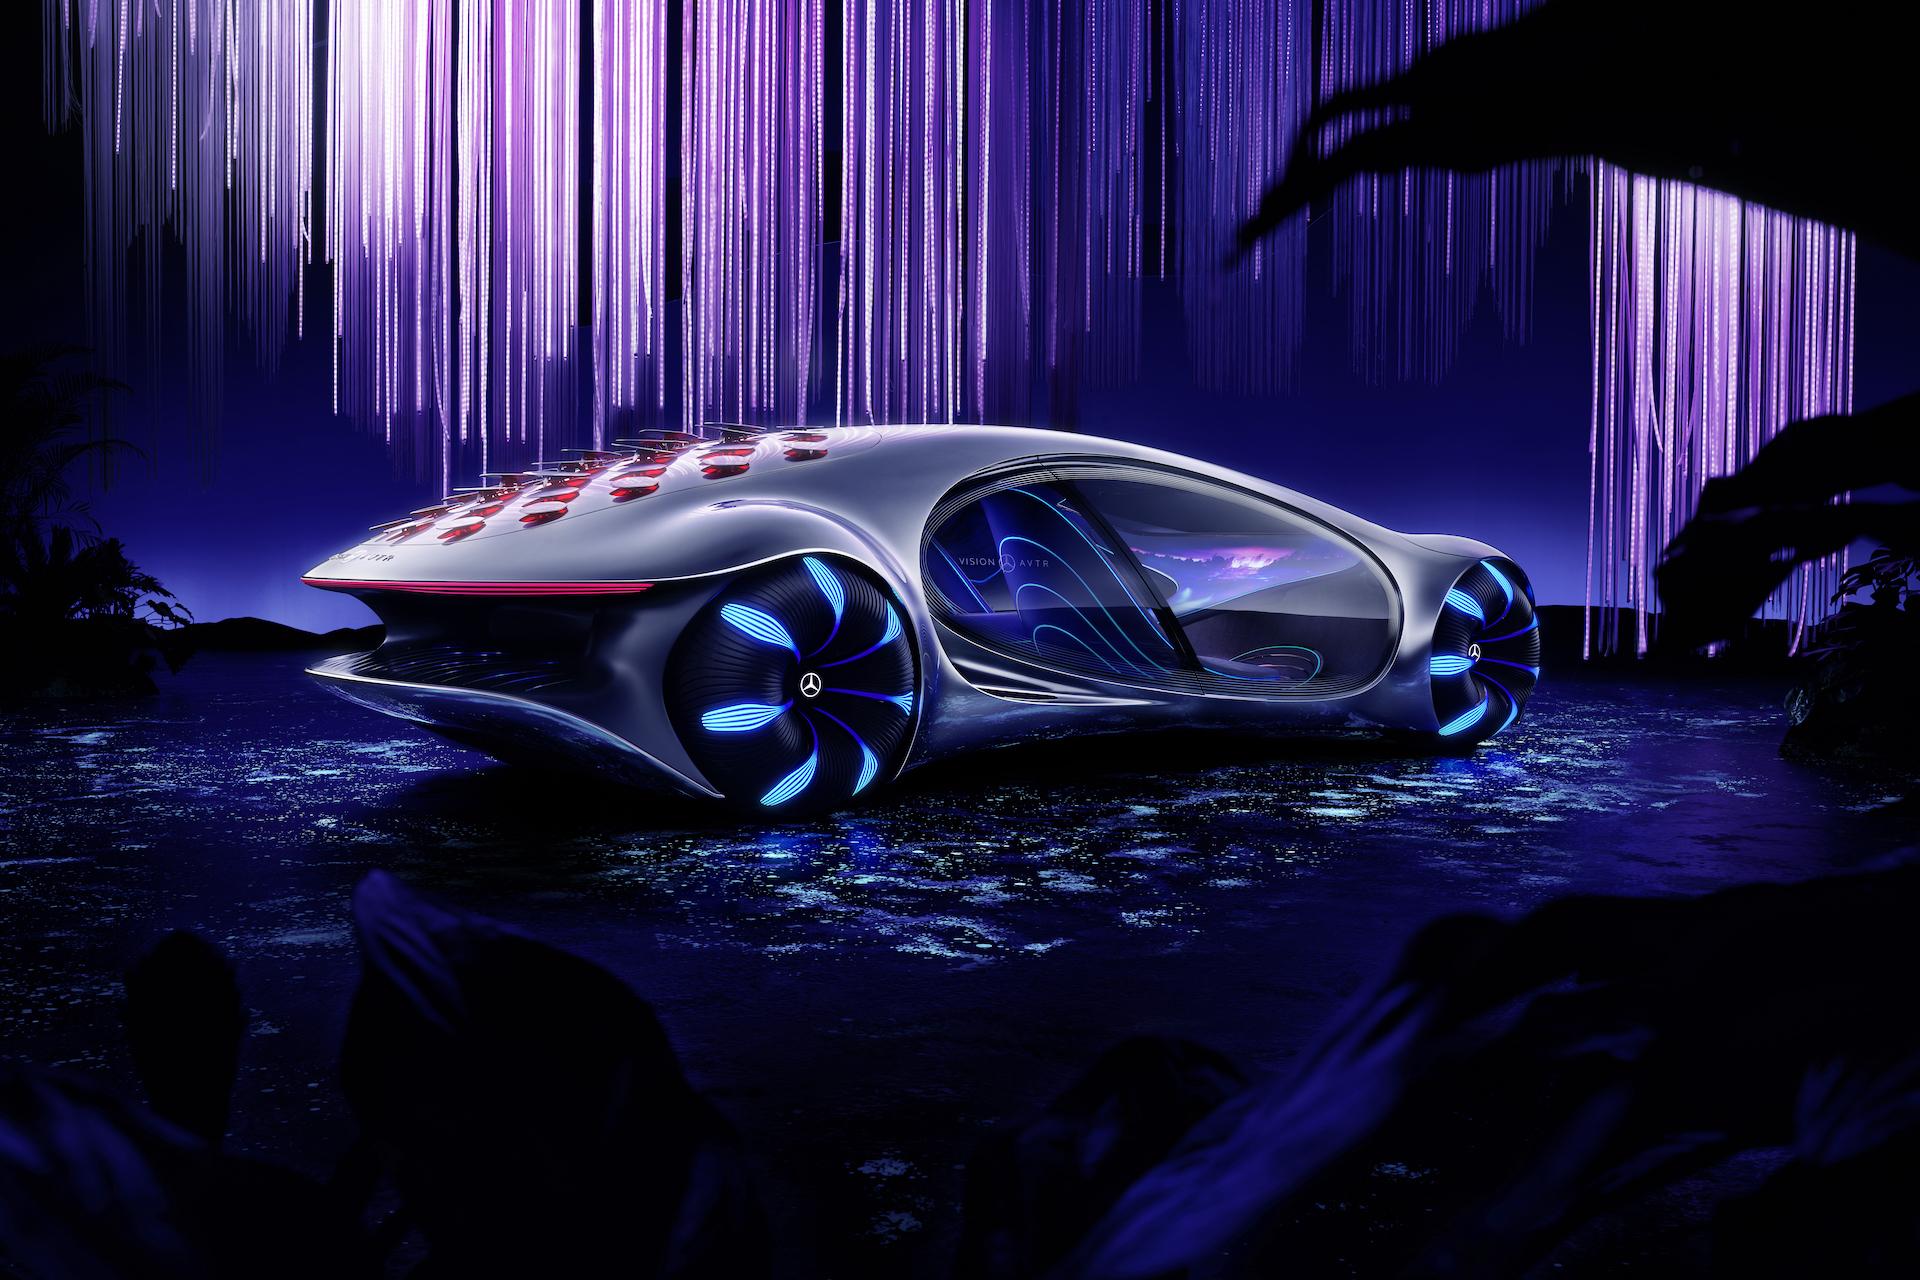 Der Mercedes-Benz Vision AVTR: Ein Auto, inspiriert von der Zukunft 18